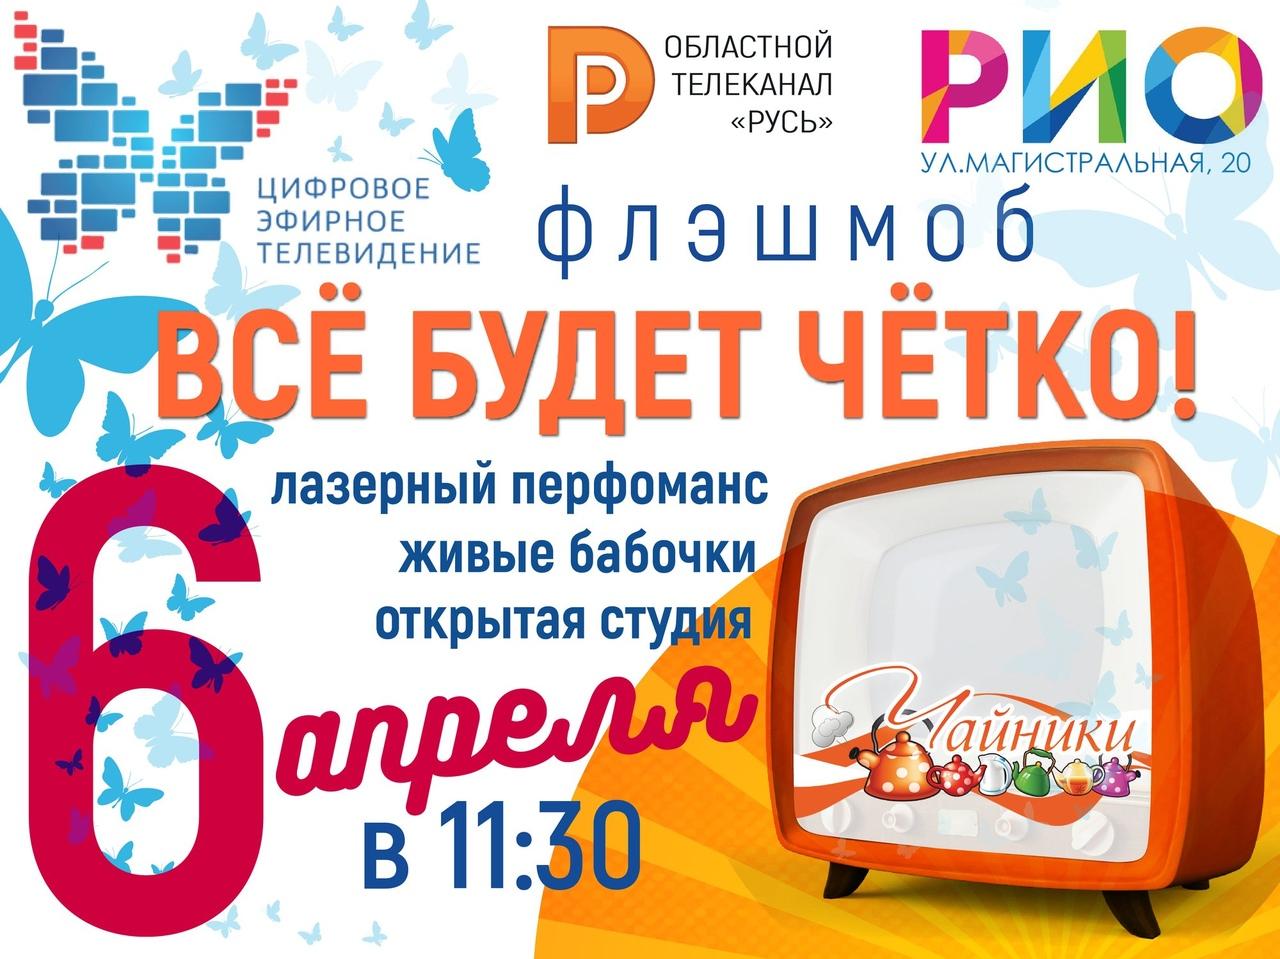 В Костромской области пройдет акция, посвященная переходу на цифровое телевещание